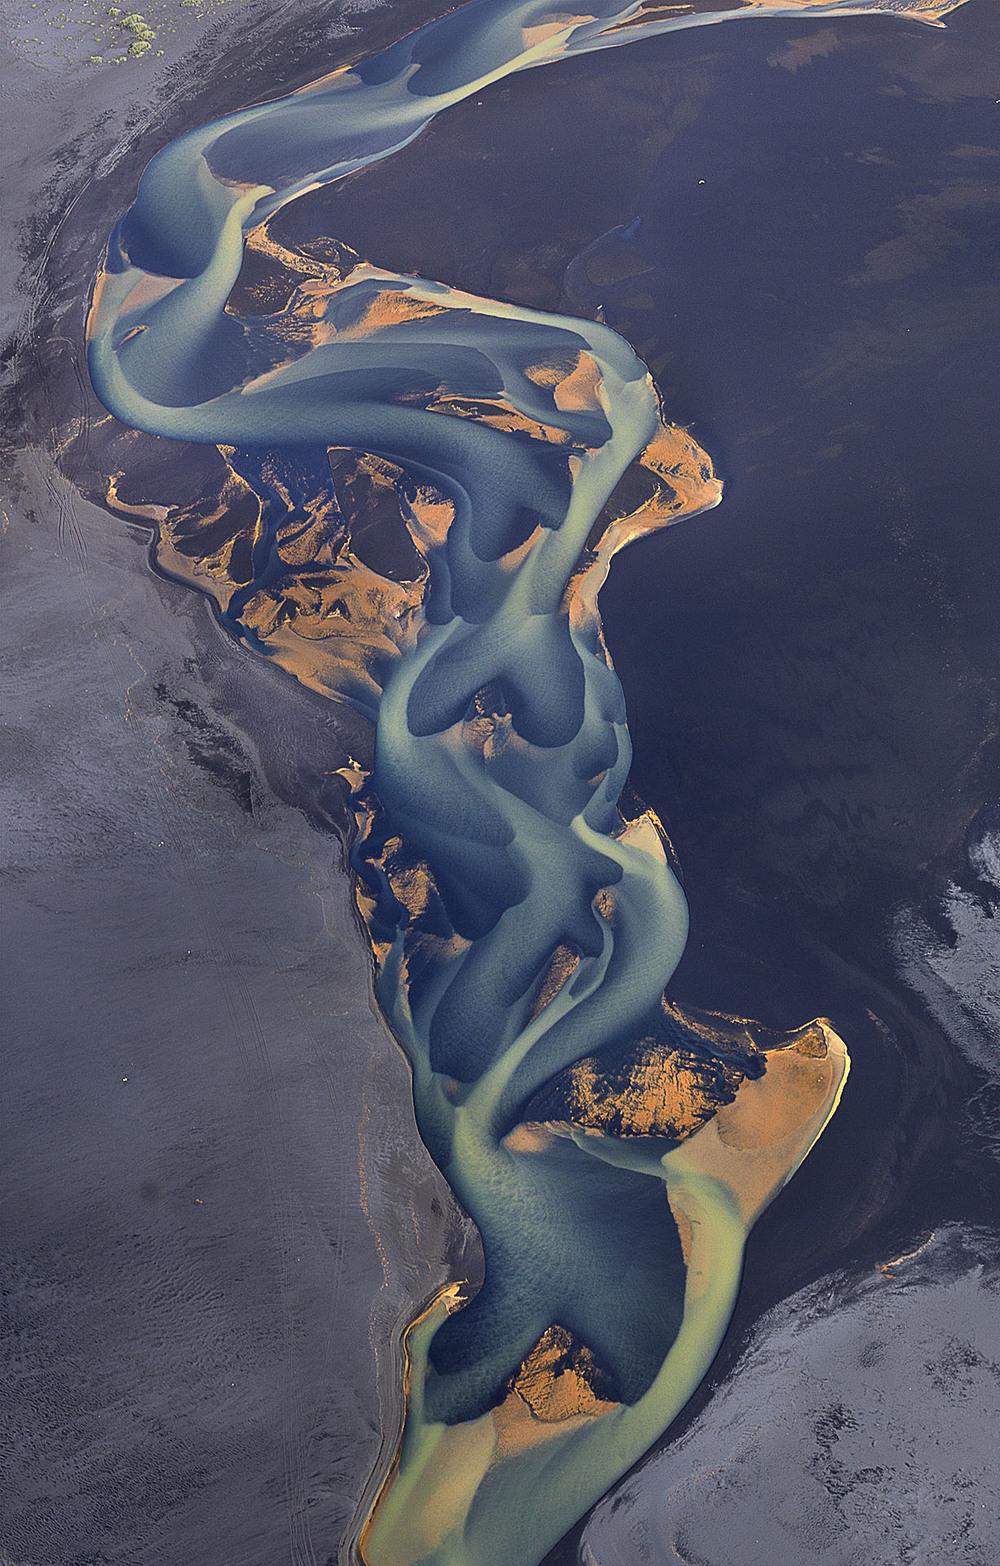 volcanic-river-iceland-andre-ermolaev-11.jpg